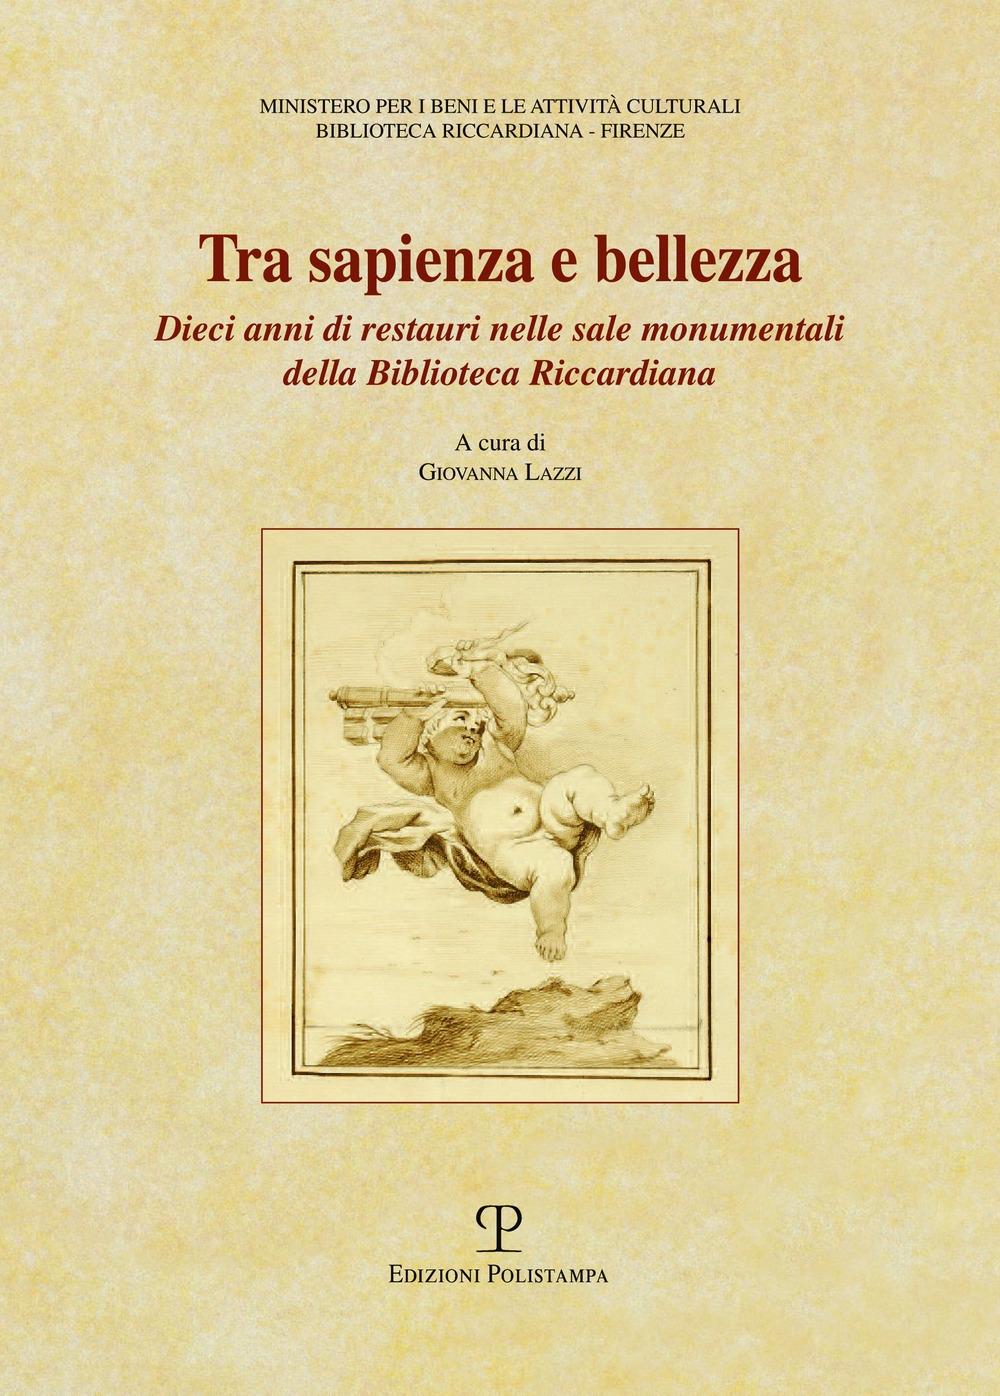 Tra sapienza e bellezza. Dieci anni di restauri nelle sale monumentali della biblioteca Riccardiana